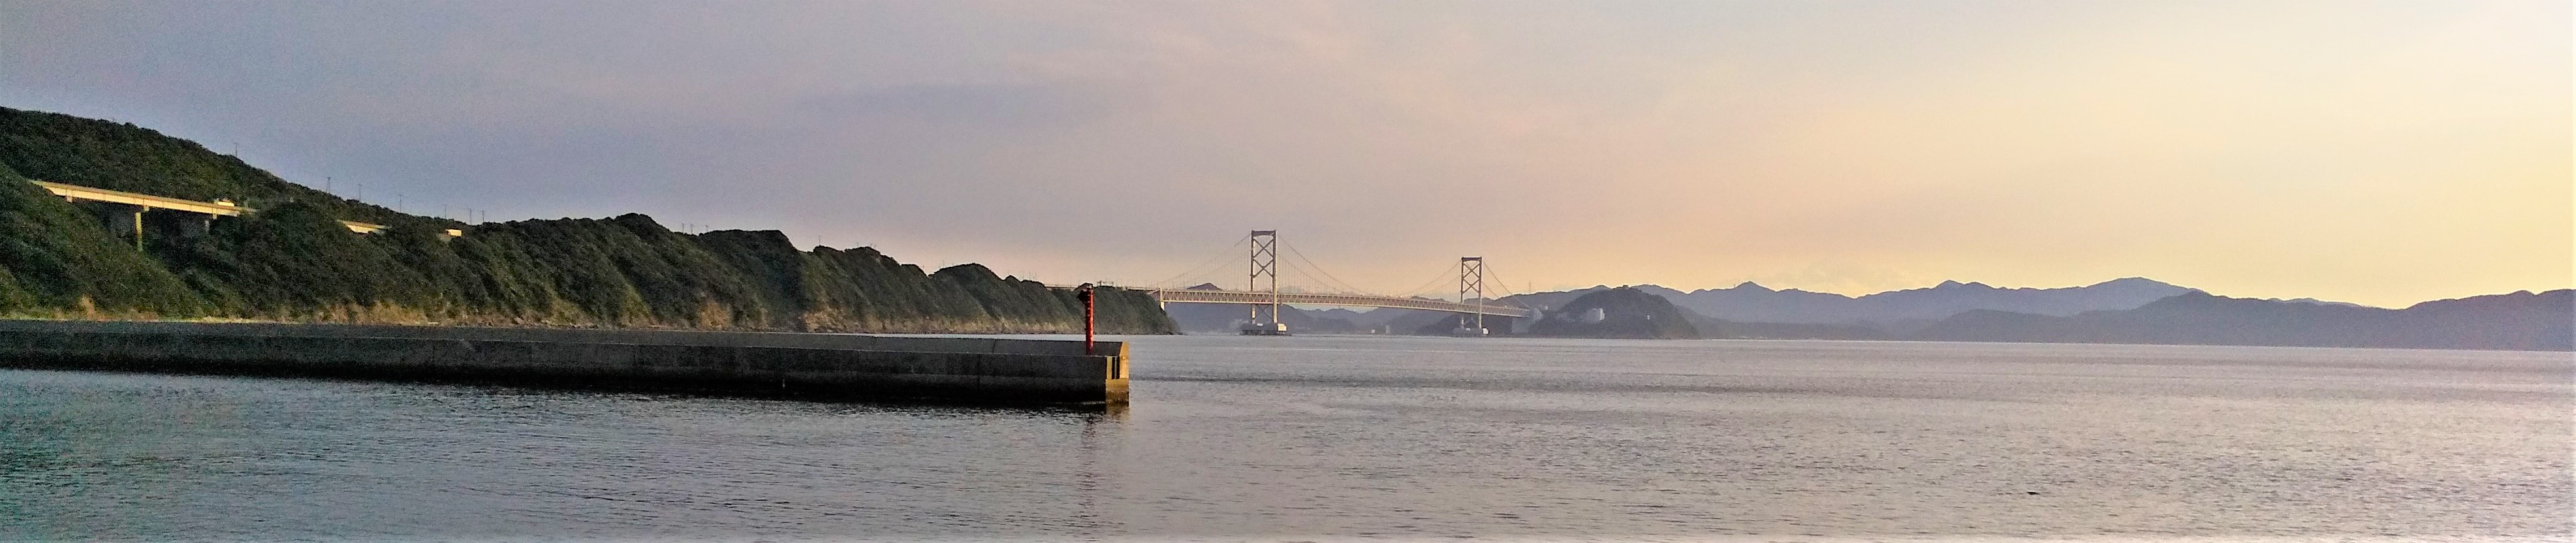 淡路島から鳴門大橋